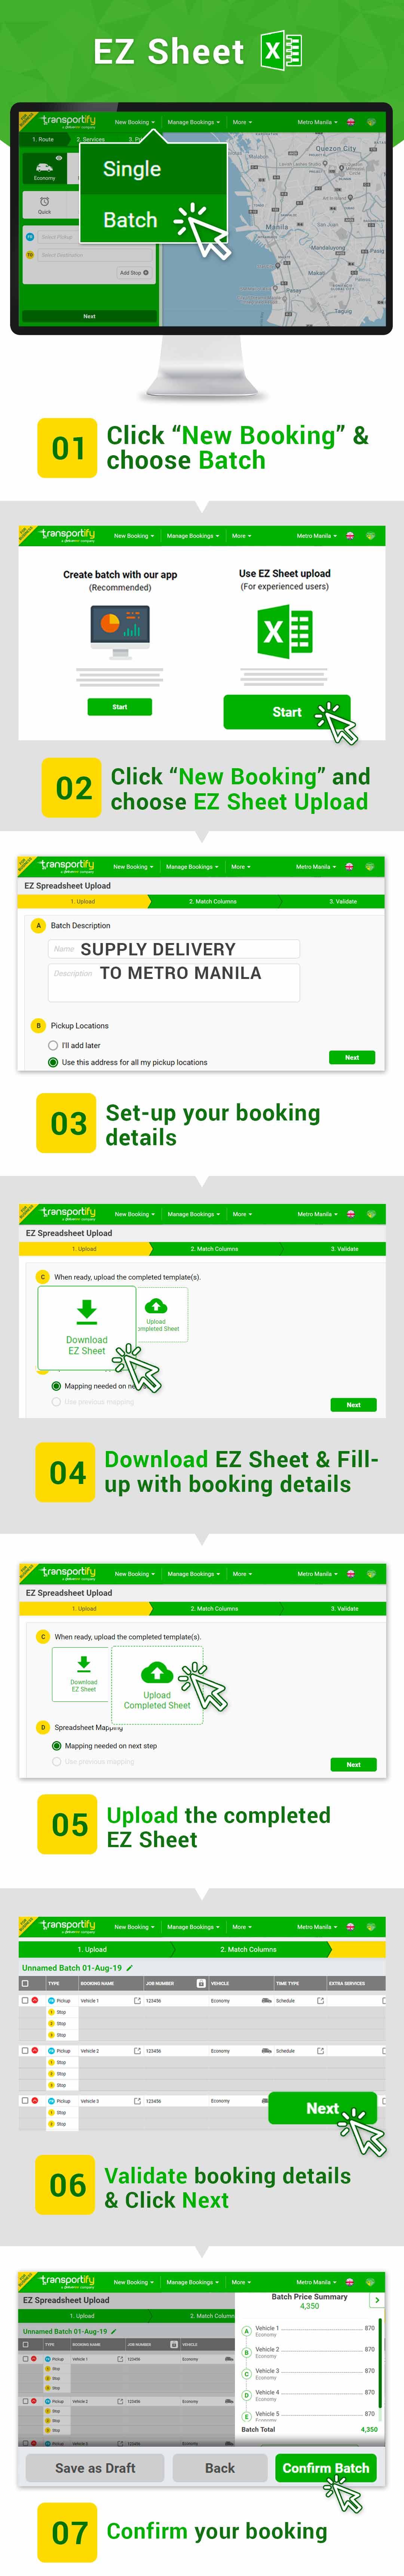 Batch Booking Using EZ Sheet